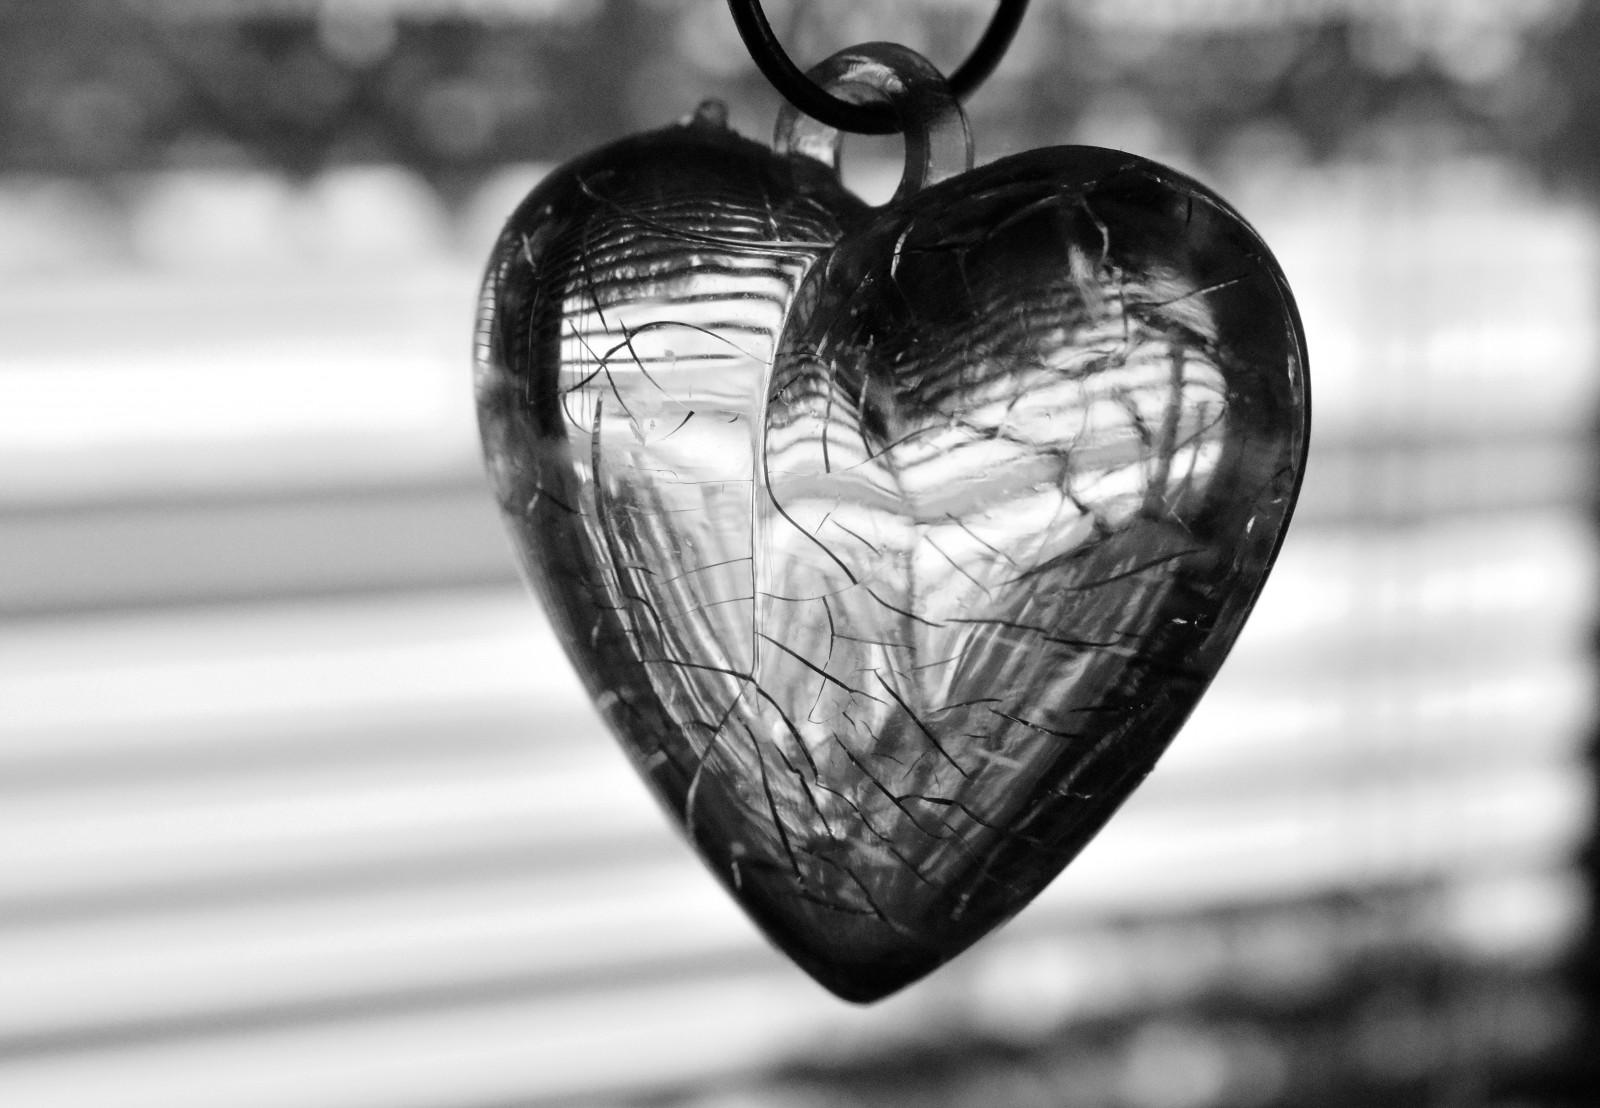 Fondos De Pantalla : Monocromo, Amor, Corazón